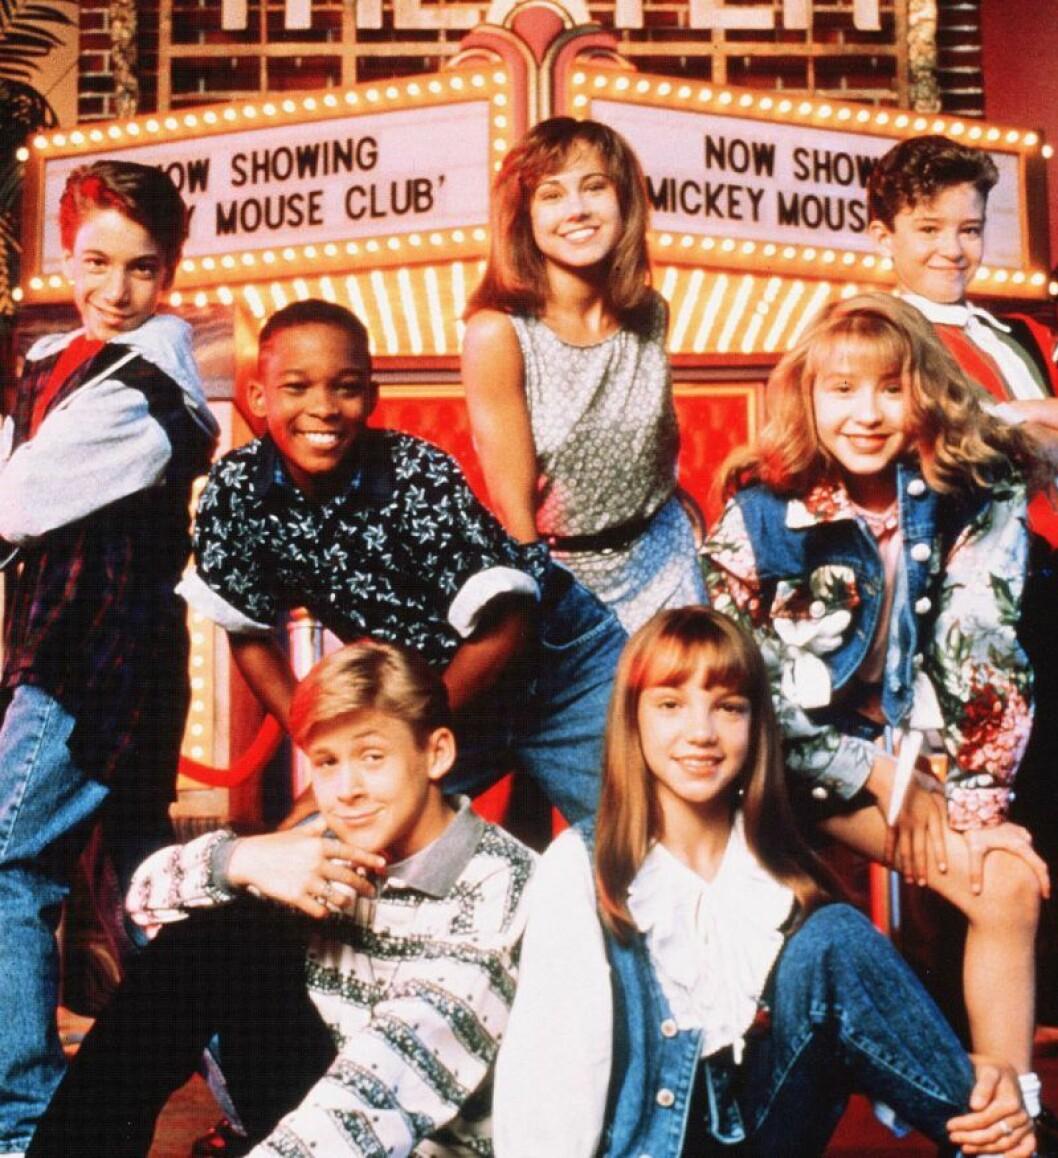 Britney och Justin Timberlake träffades i Mickey Mouse Club 1992. Justin är längst upp till höger, Britney längst ned till höger.